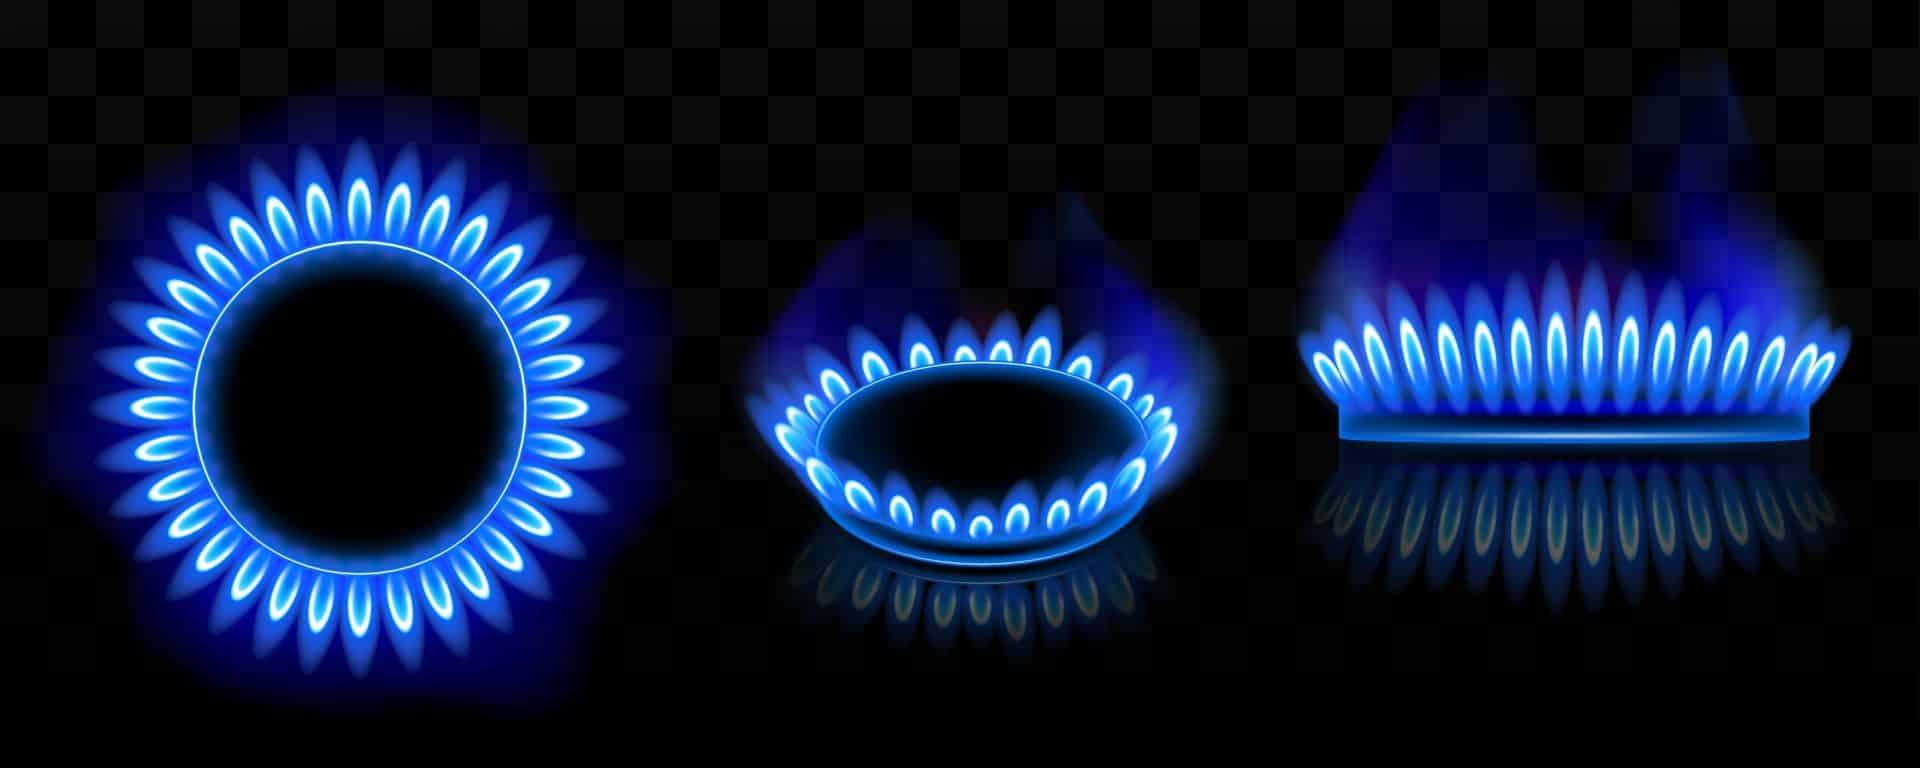 stockages de gaz francais sont prets